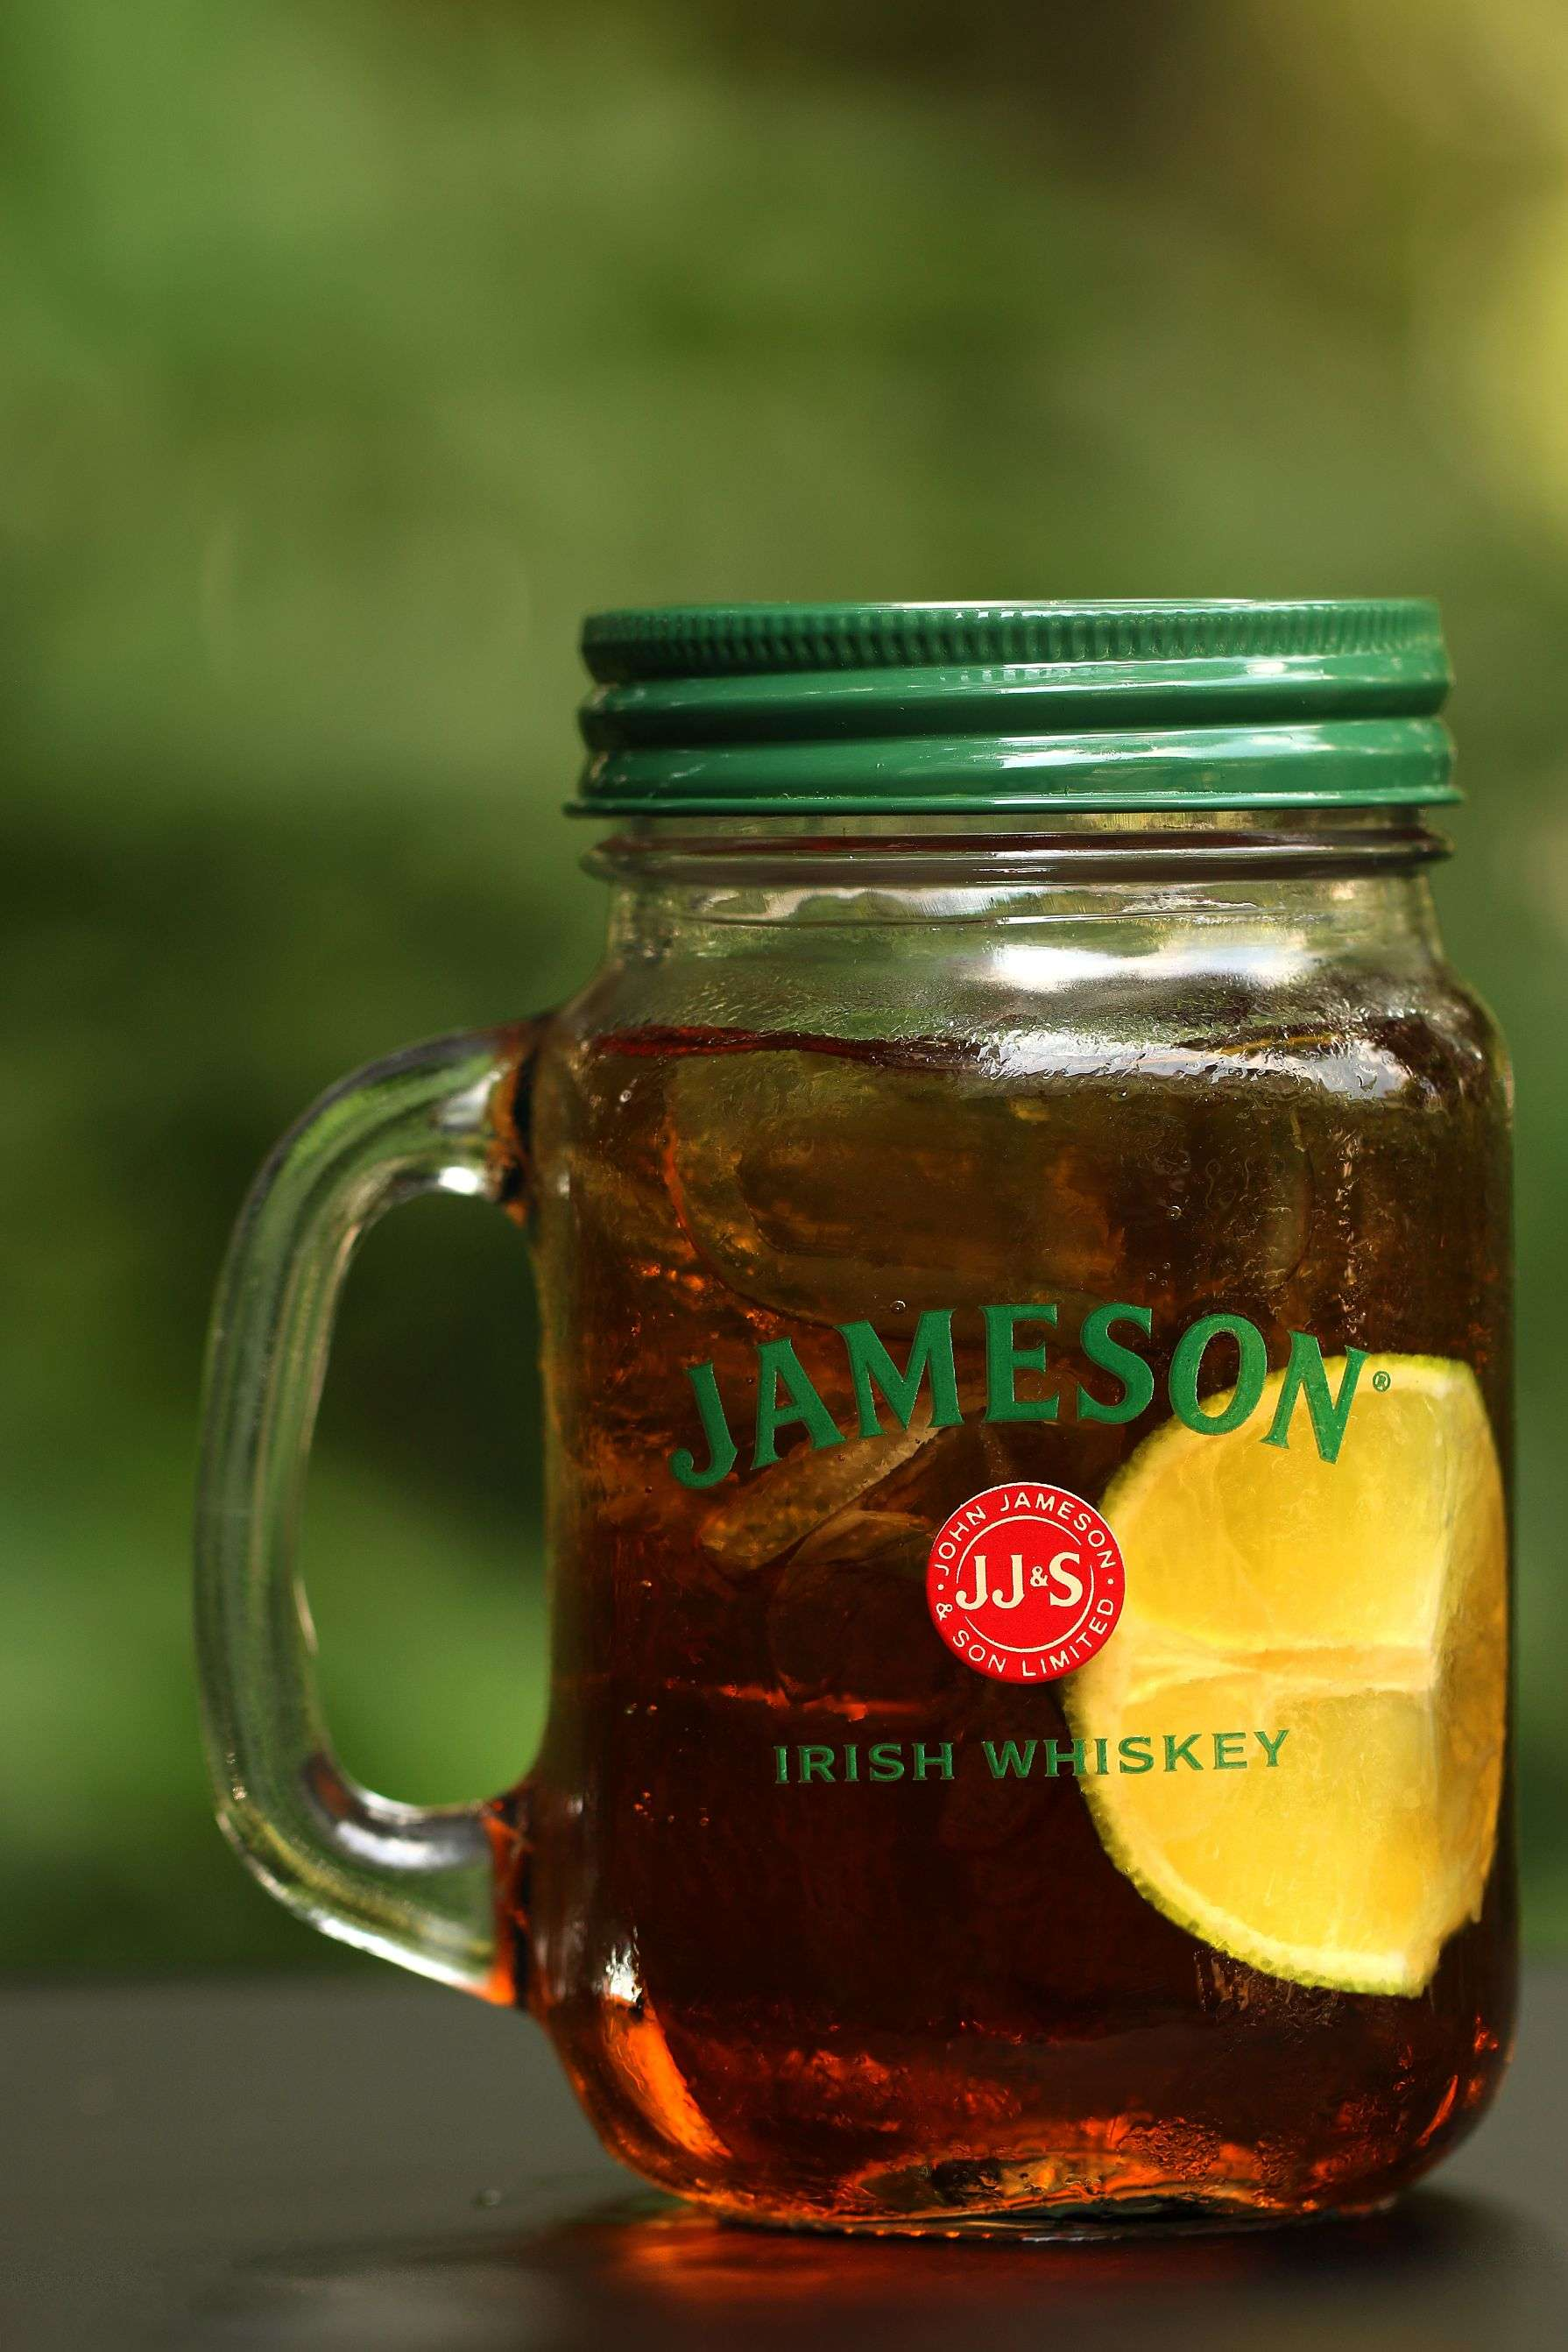 1. Tea Lime? Eu nunca ouvi falar desse drink.